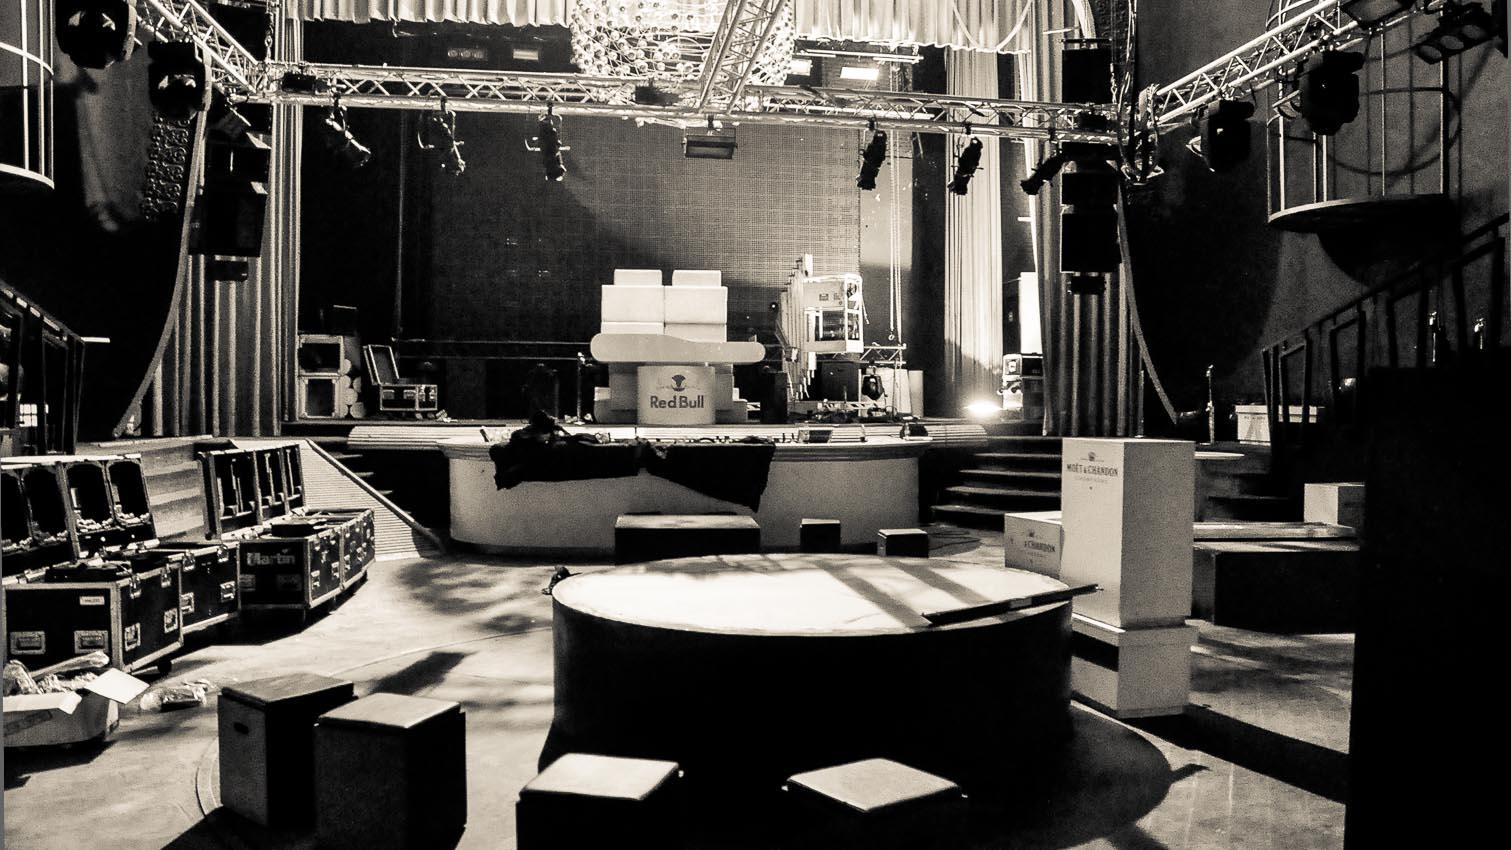 19-cafe-bar-resto-nightclub-decors-film-cinema-photo-belgium-bruxelles